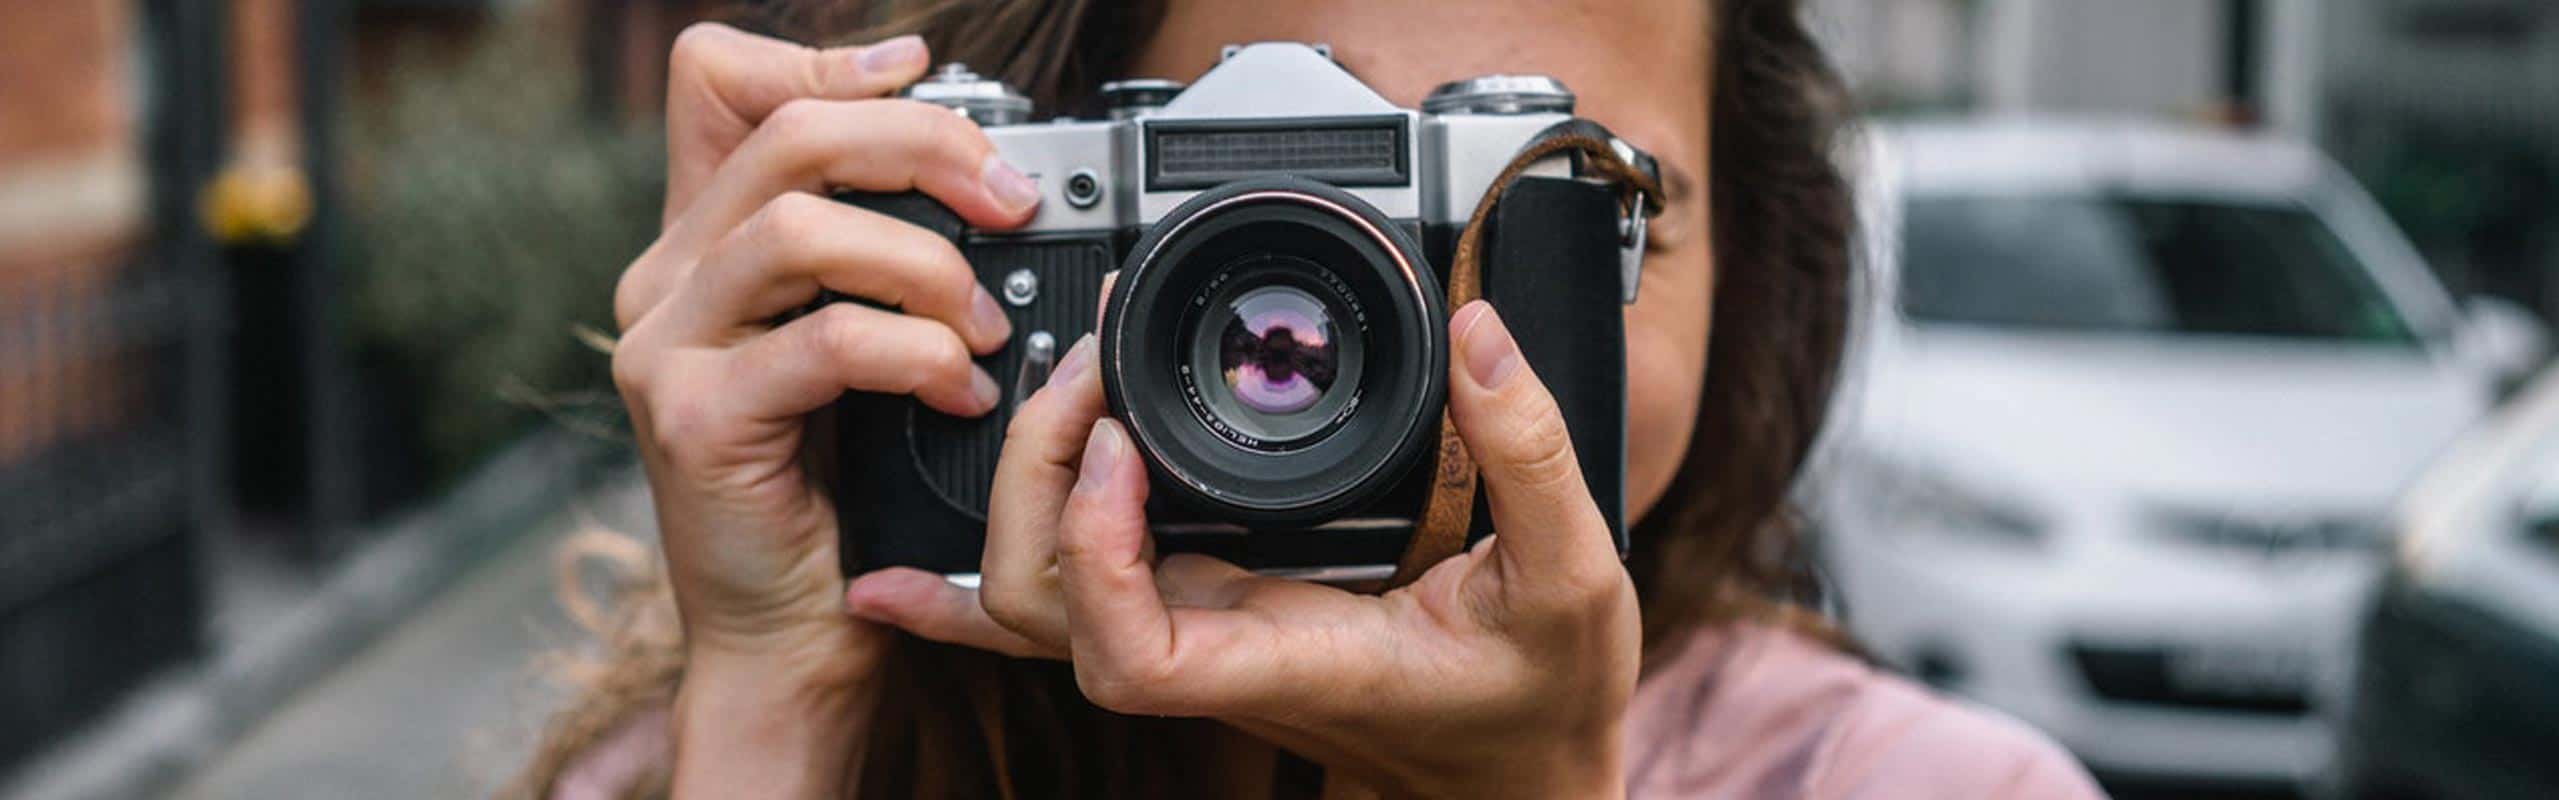 Descubre los tipos de planos que puedes hacer con una cámara de fotos